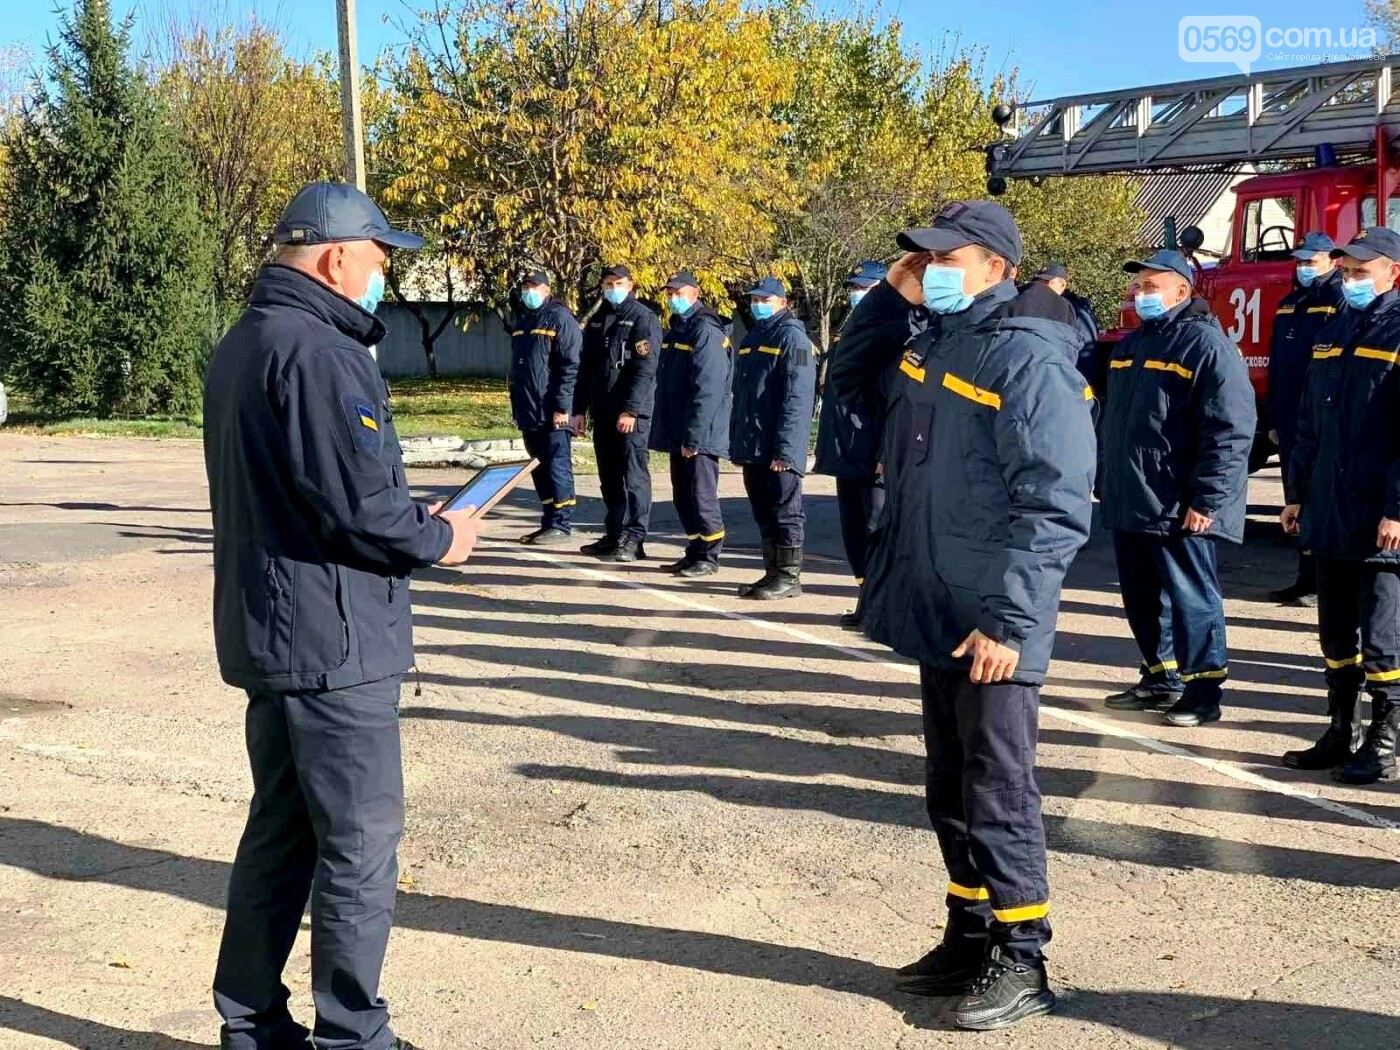 Новообраний очільник Новомосковська взяв участь у виїзній нараді в місцевій пожежно-рятувальній частині, фото-1